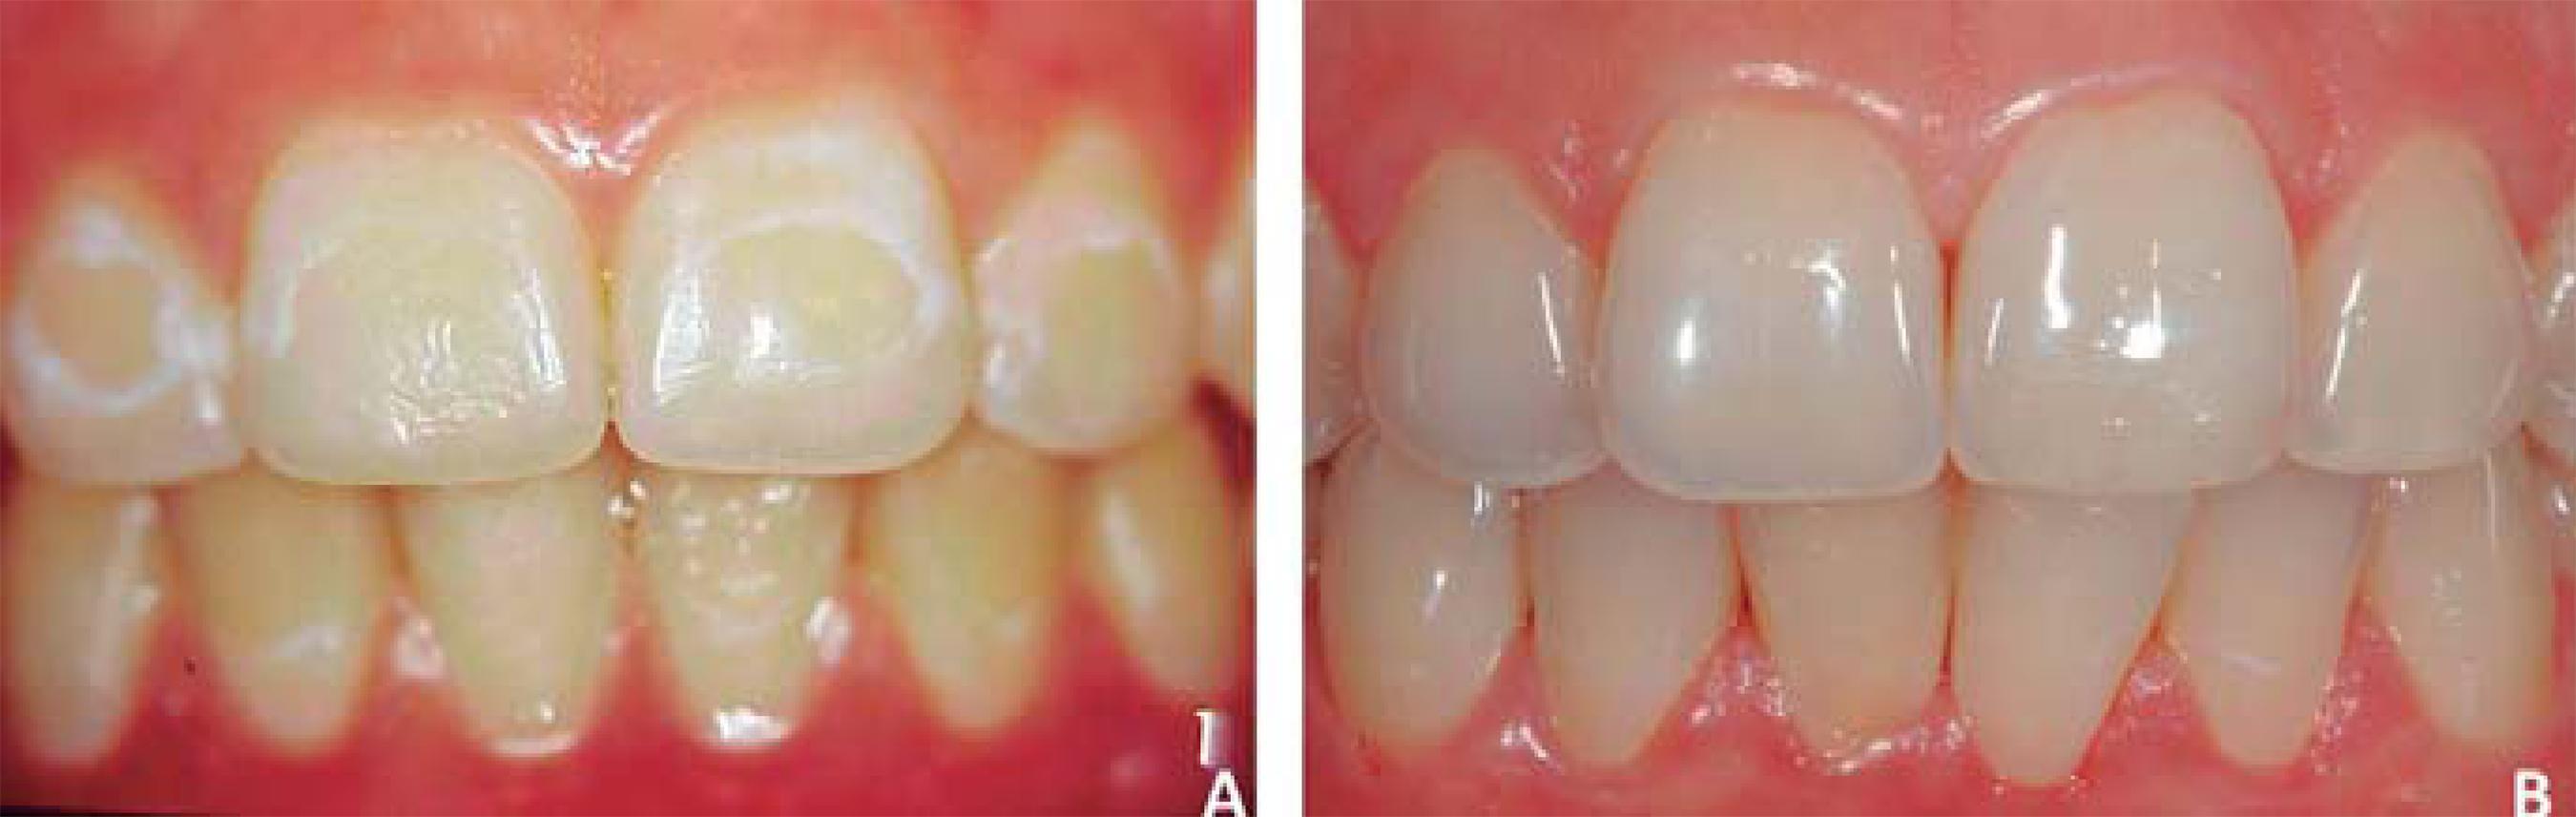 لکه های سفید بر روی دندان